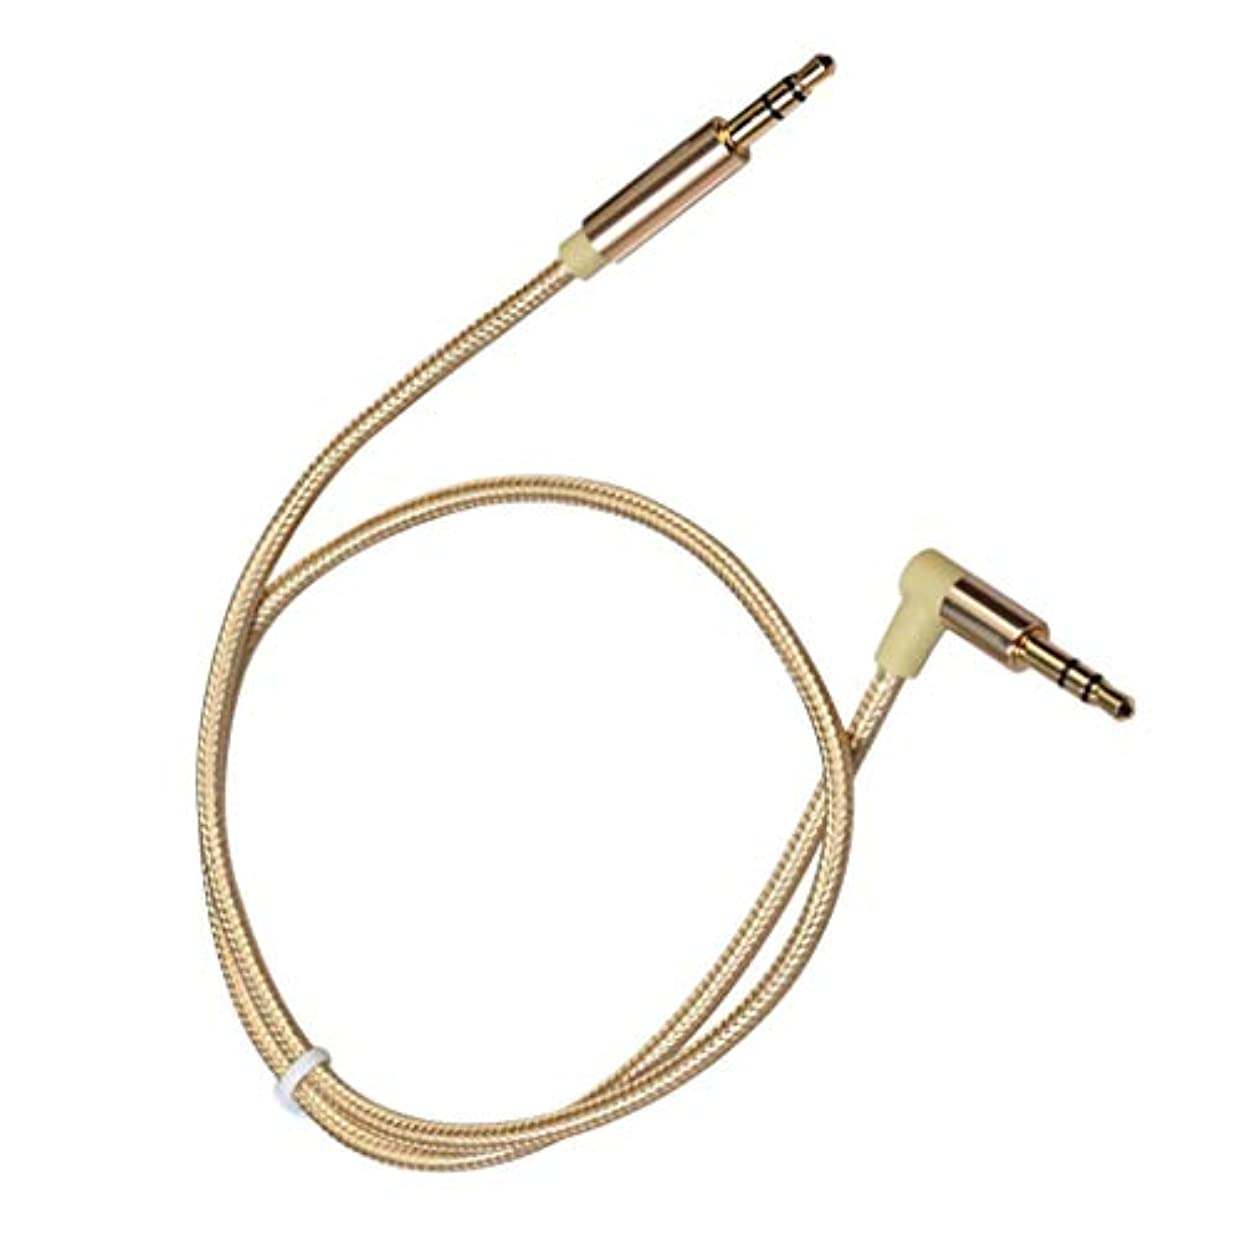 拡声器ブレーク人に関する限りAlmencla ステレオ ミニプラグ 変換ケーブル ステレオケーブル オーディオケーブル 部品 - 50cm